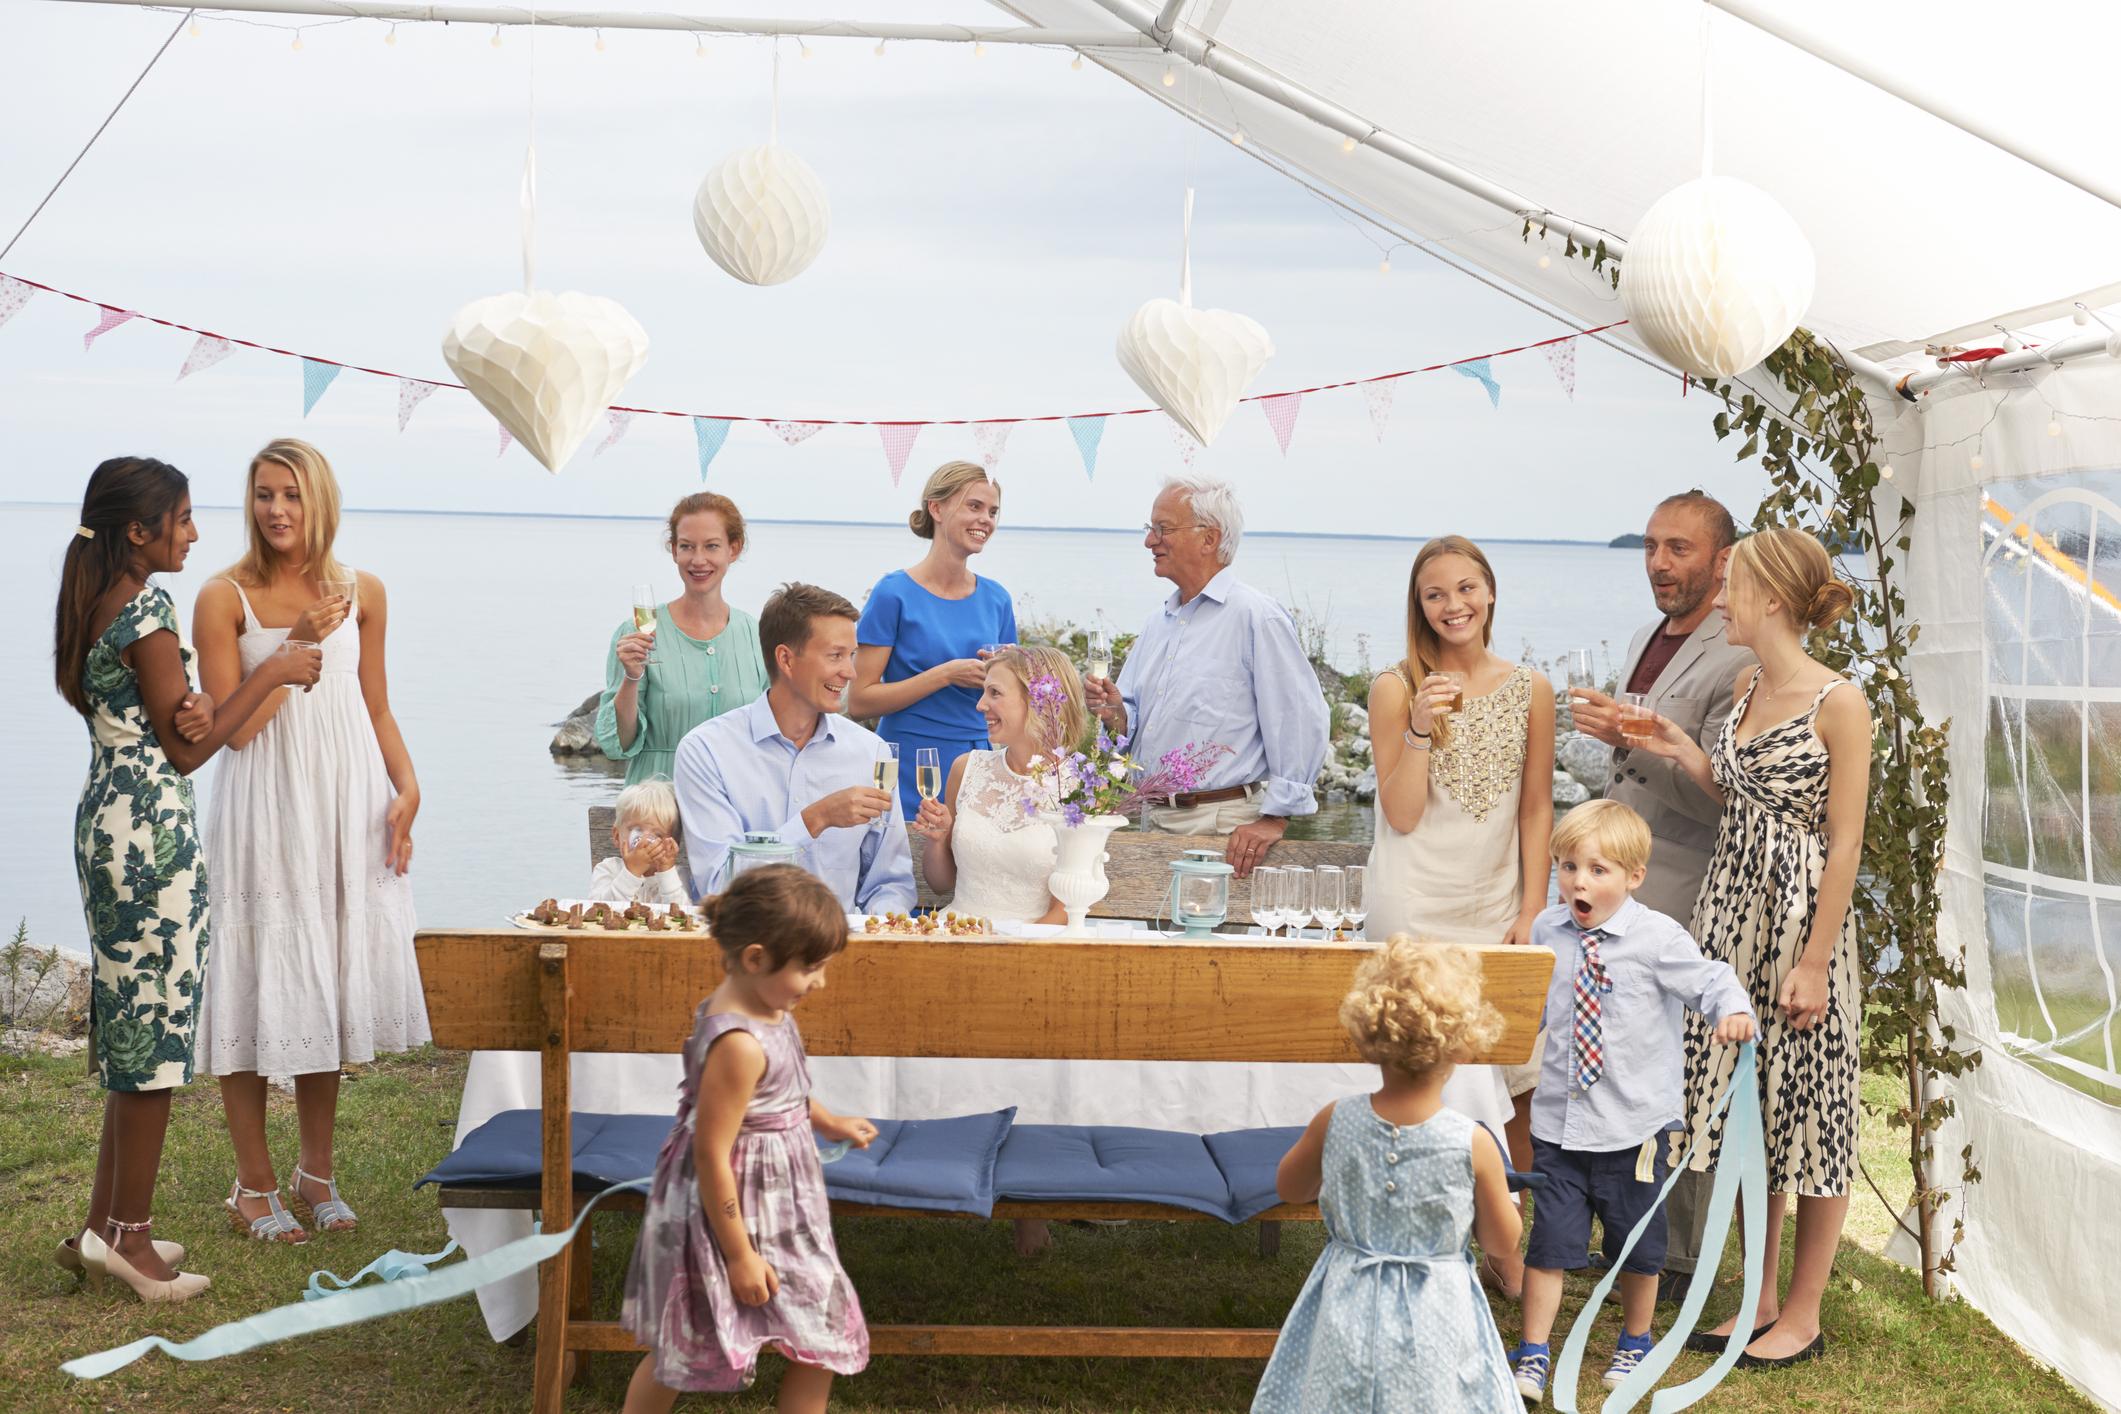 Wedding Ideas that Include Children | LoveToKnow